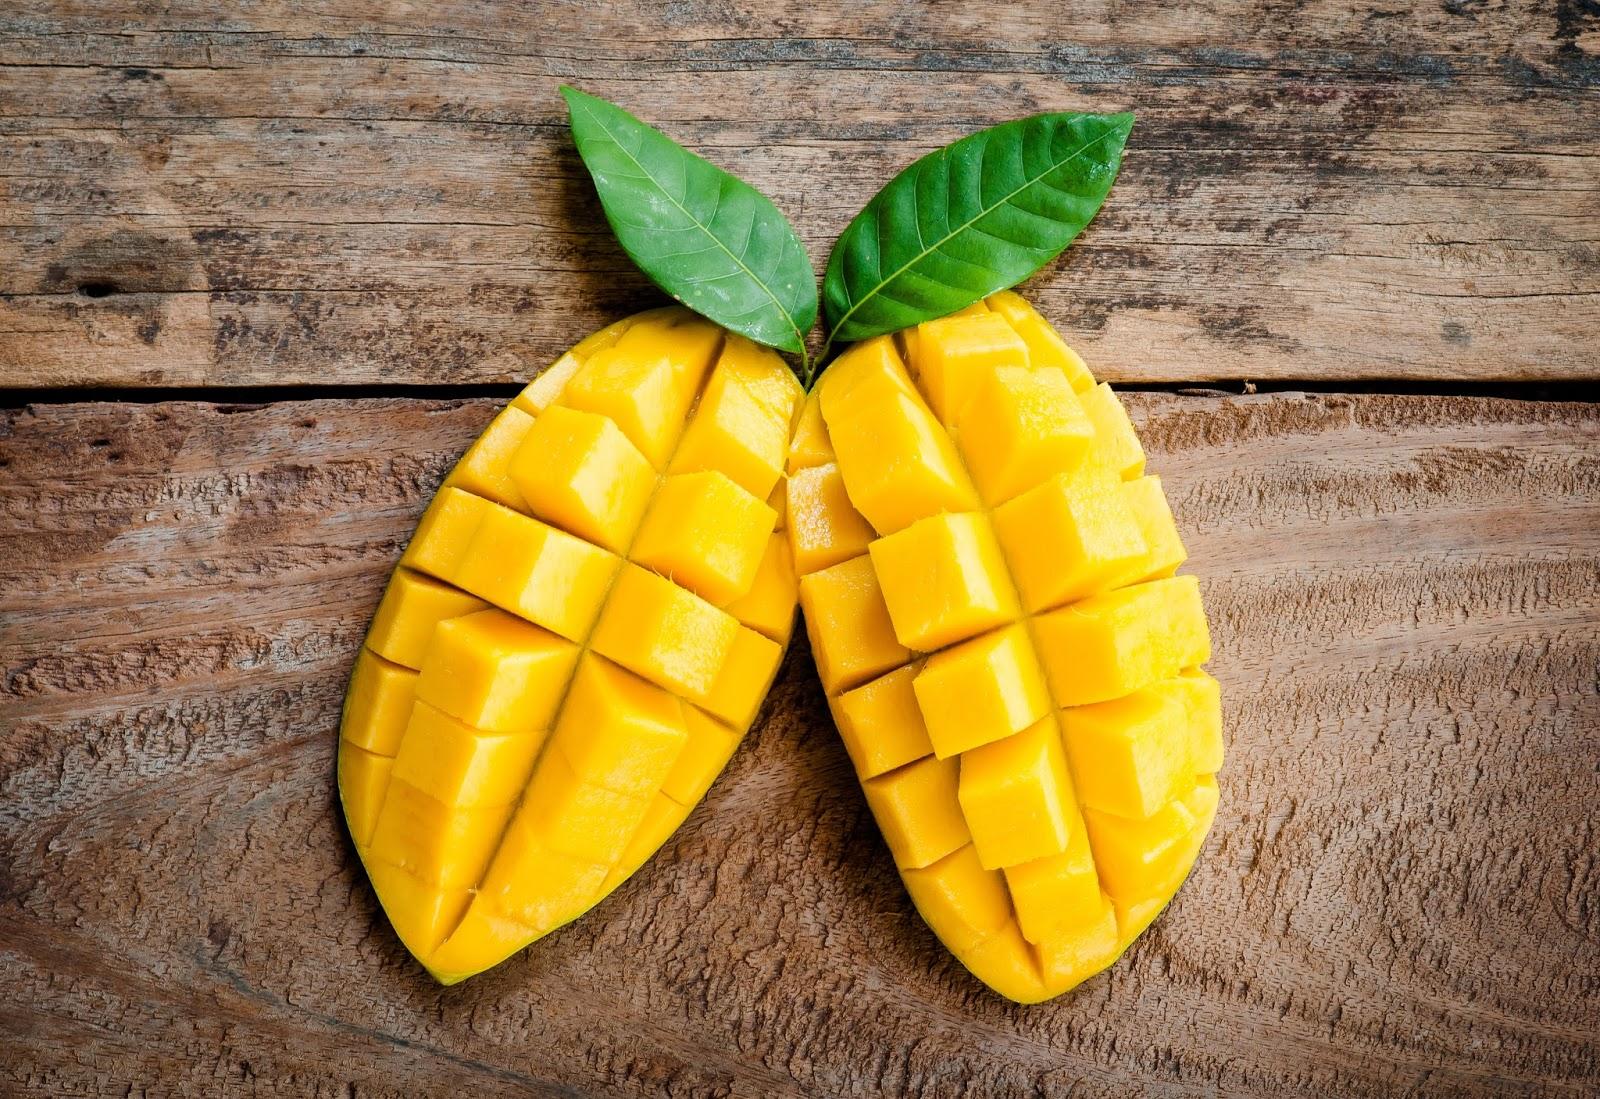 zreliy-mango